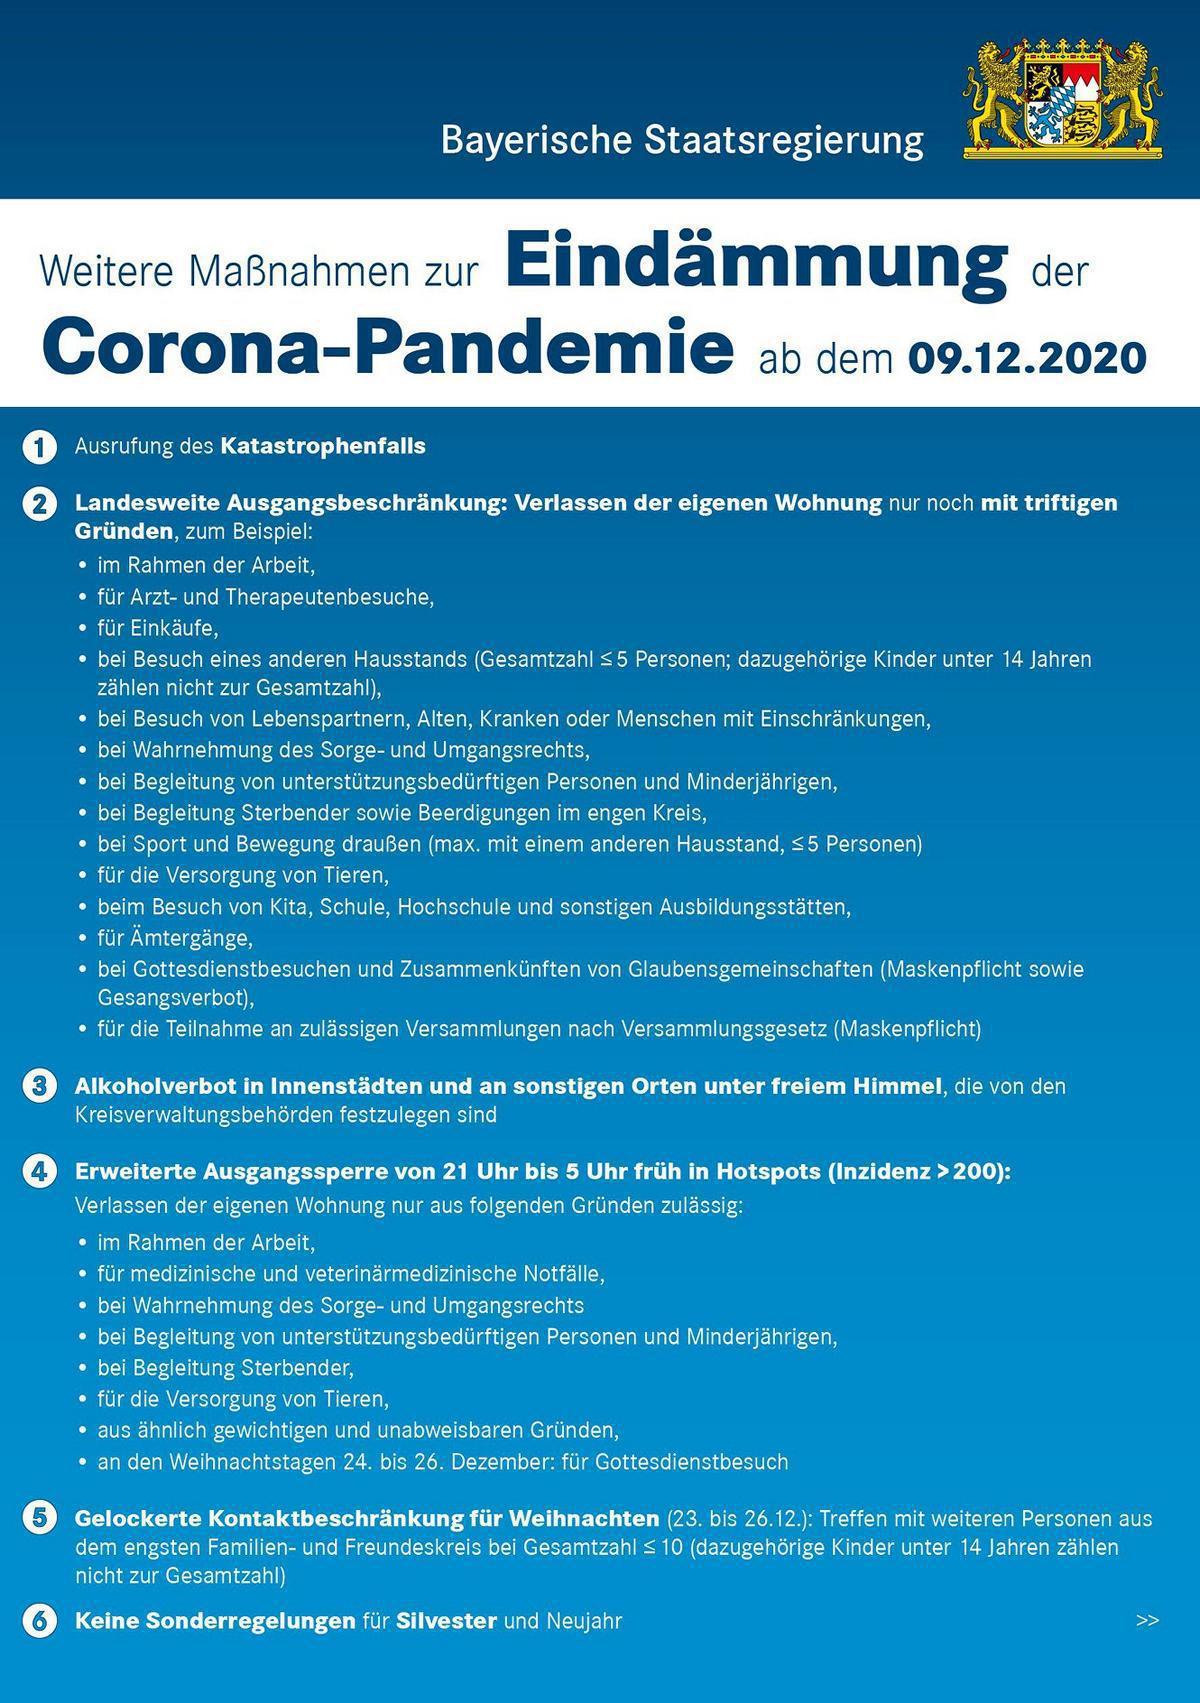 Maßnahmen zur Eindämmung der Corona-Pandemie